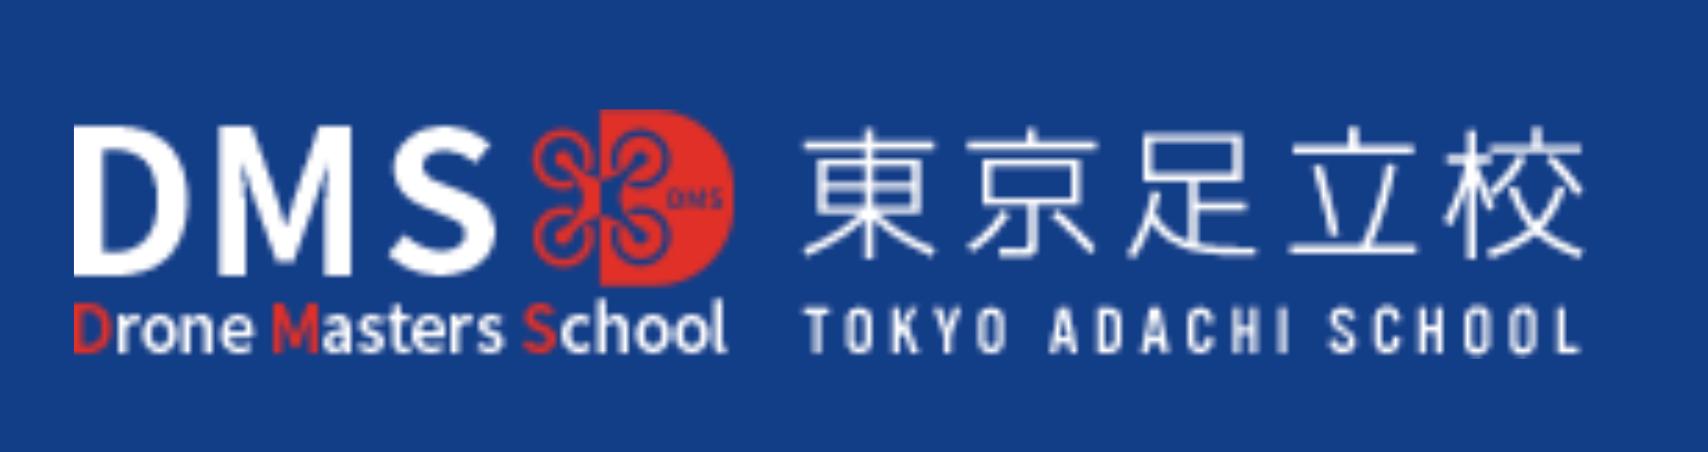 DMS(ドローンマスターズスクール)東京足立校